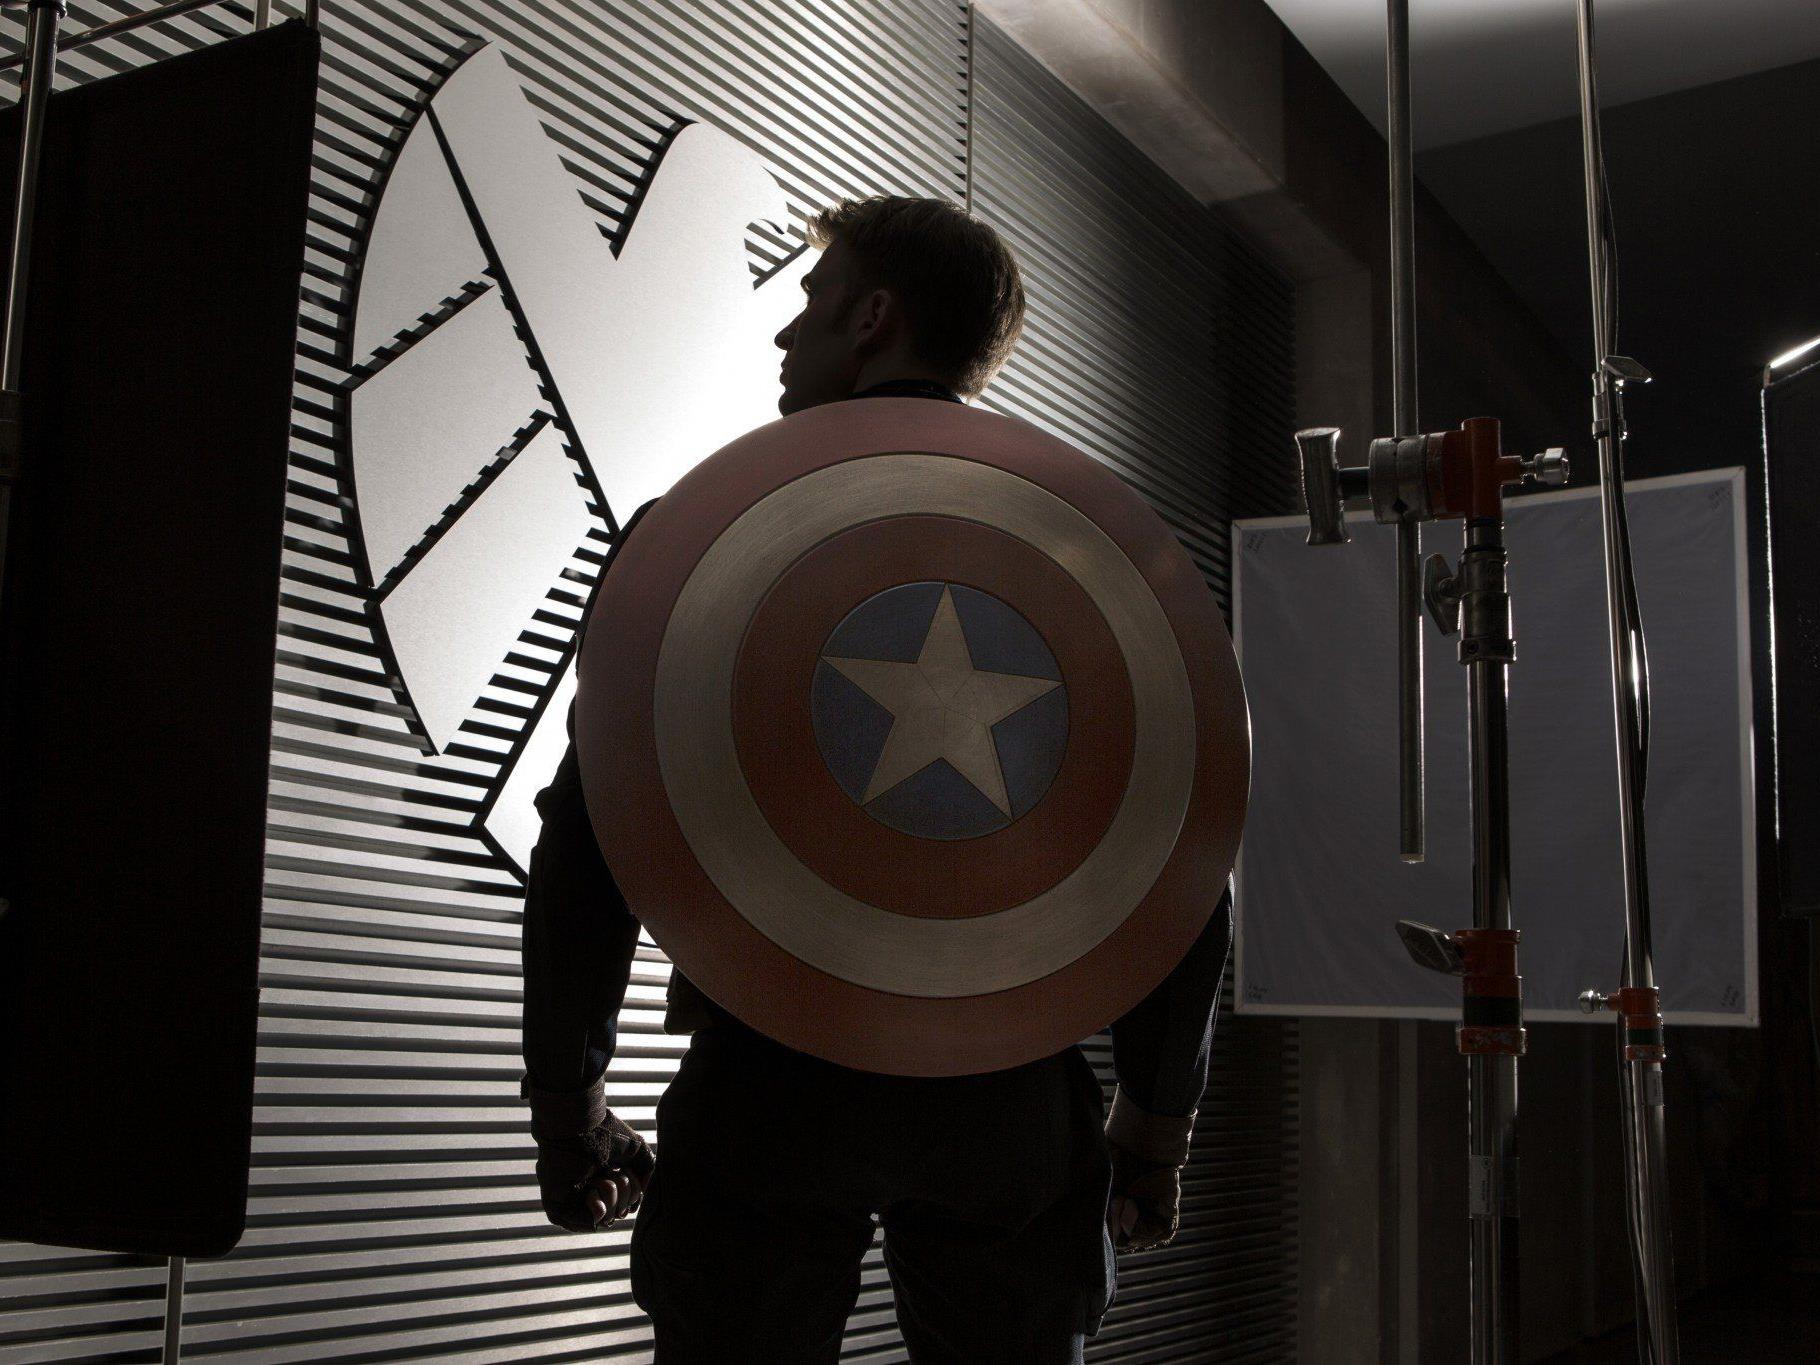 Zweiter Solo-Auftritt für Chris Evans als Captain America ab 27. März im Kino.